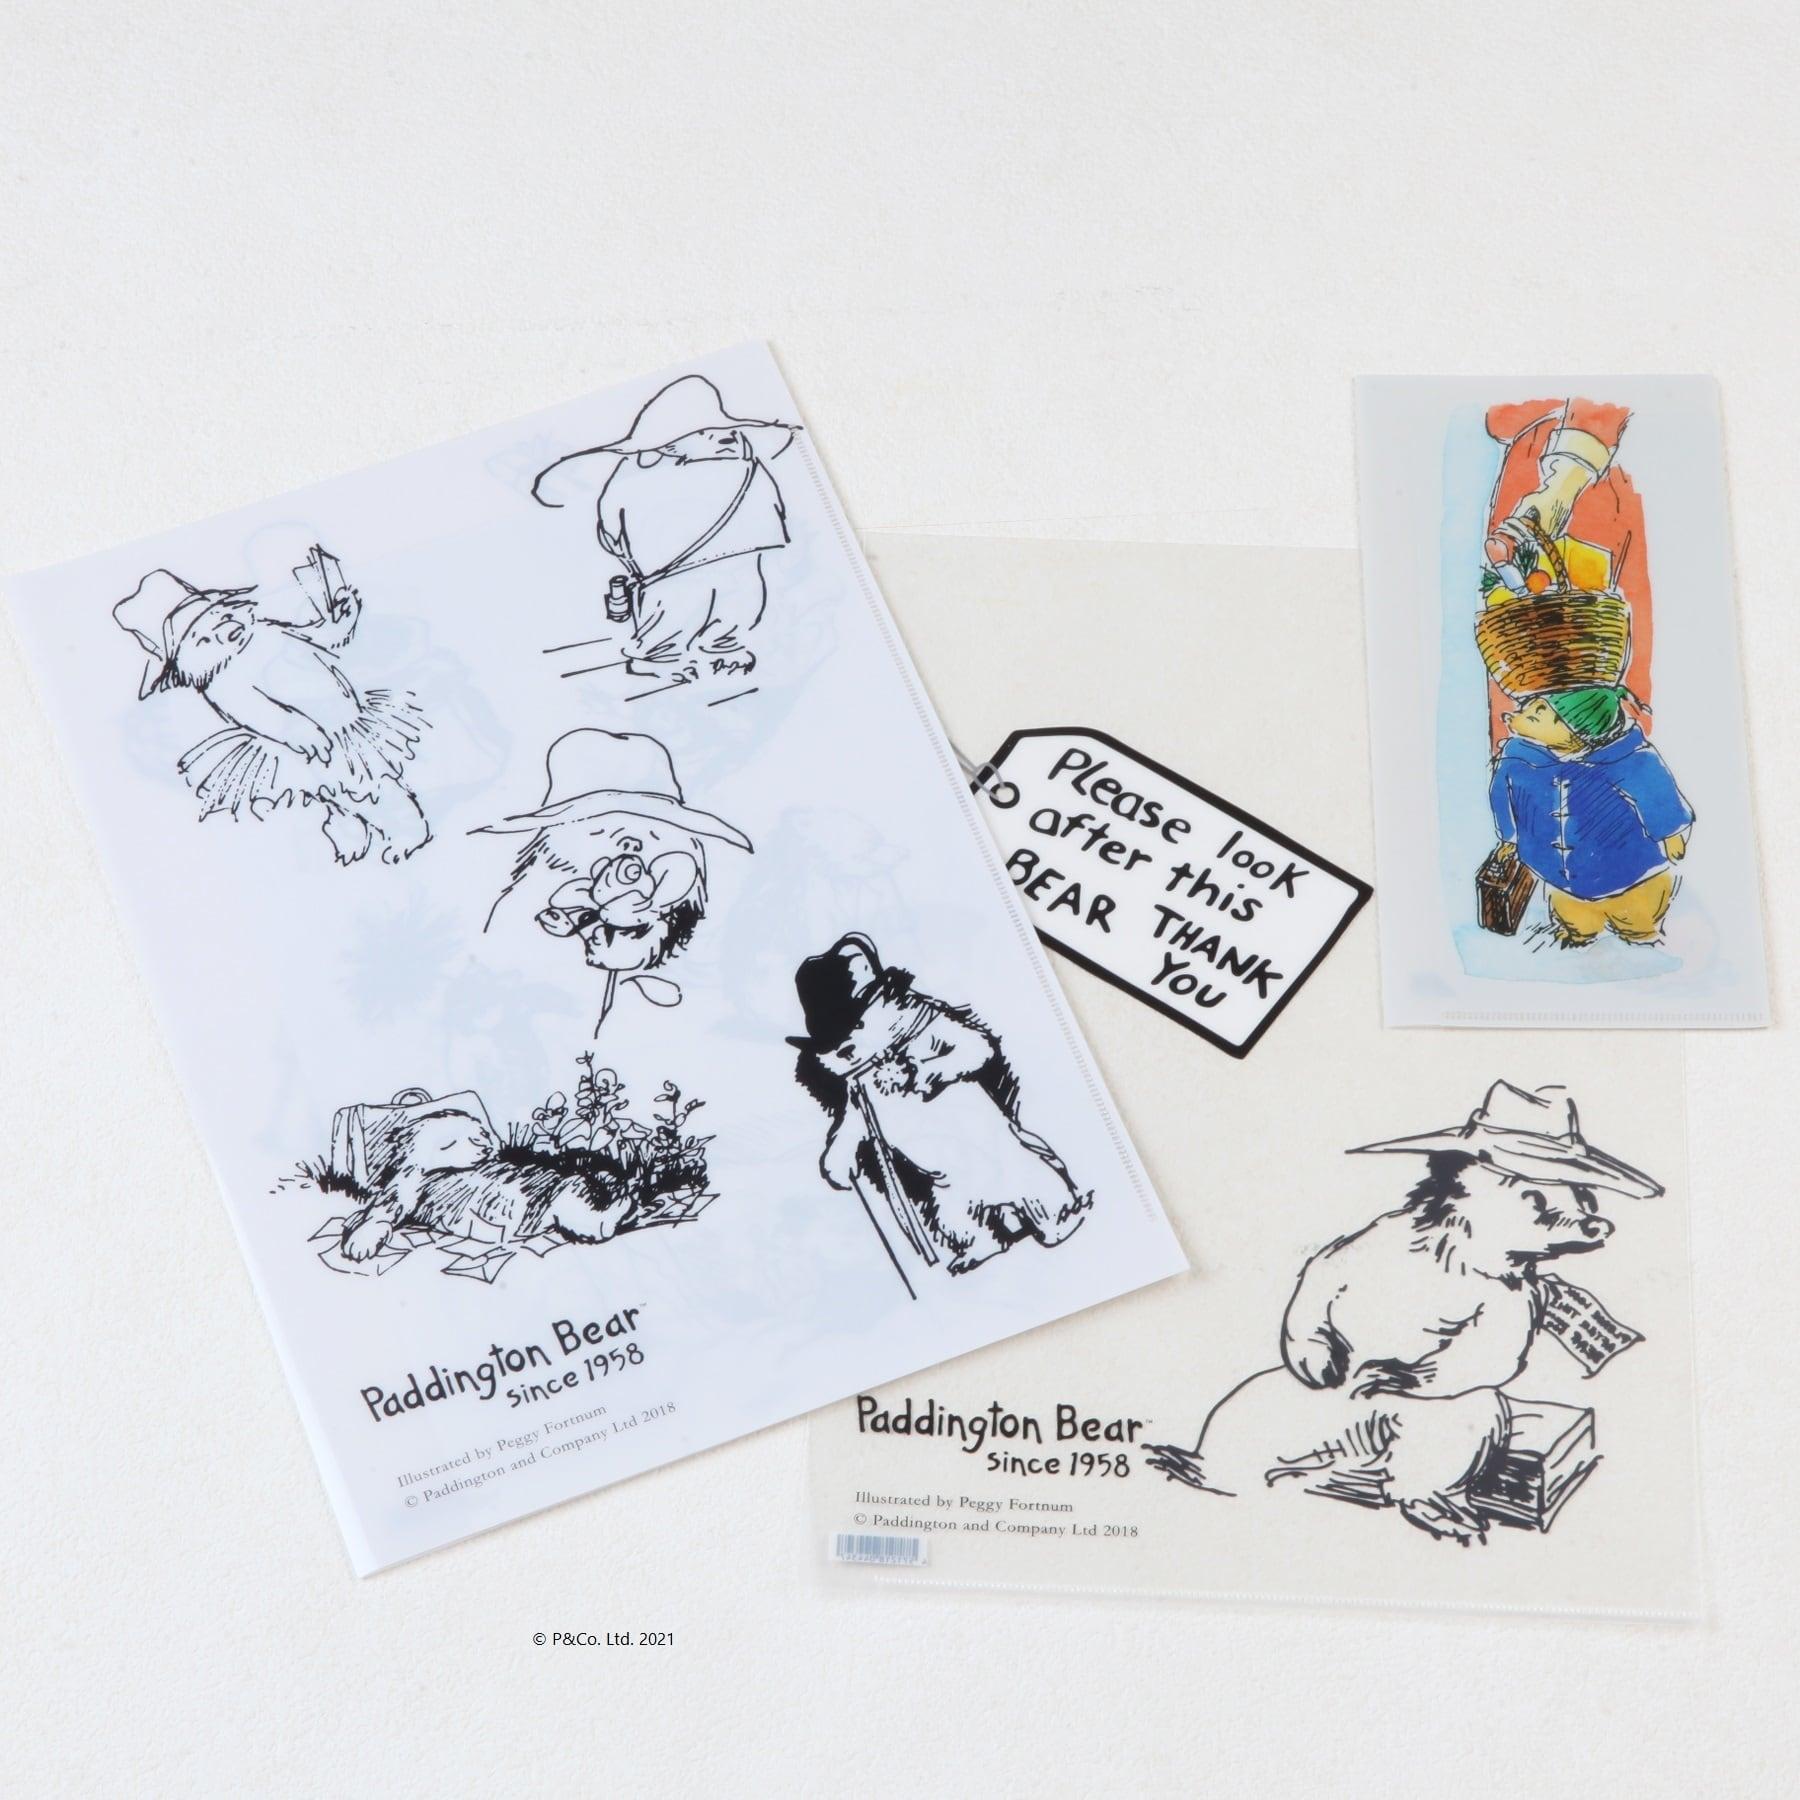 「くまのパディントン™展」展覧会オリジナルのファイルセット(3枚)